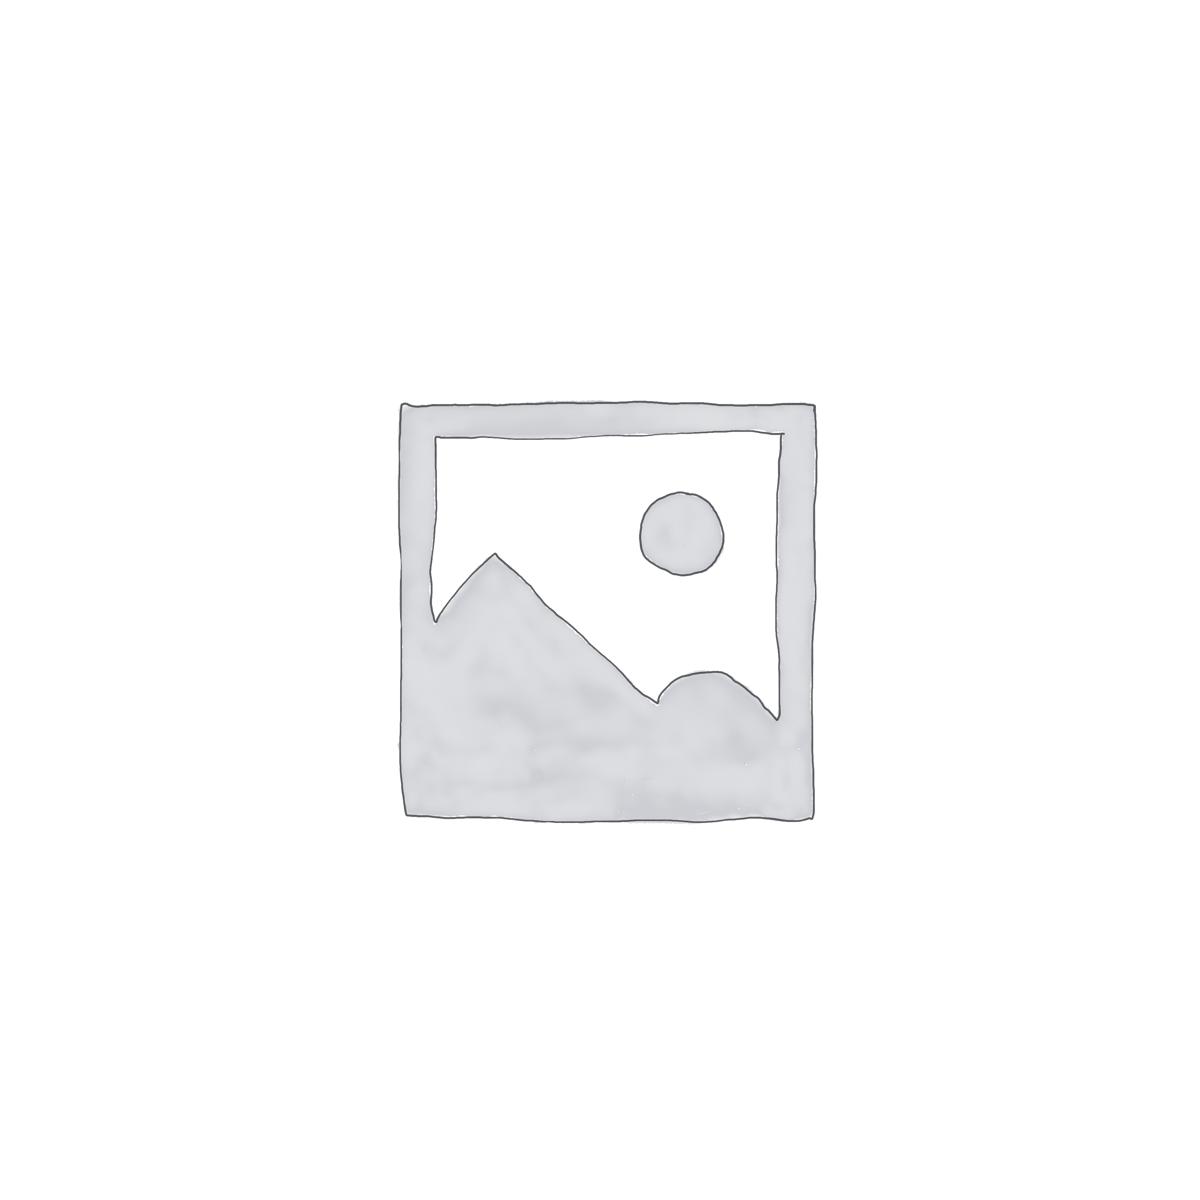 Download - DISC VALVE Model AGI - DV